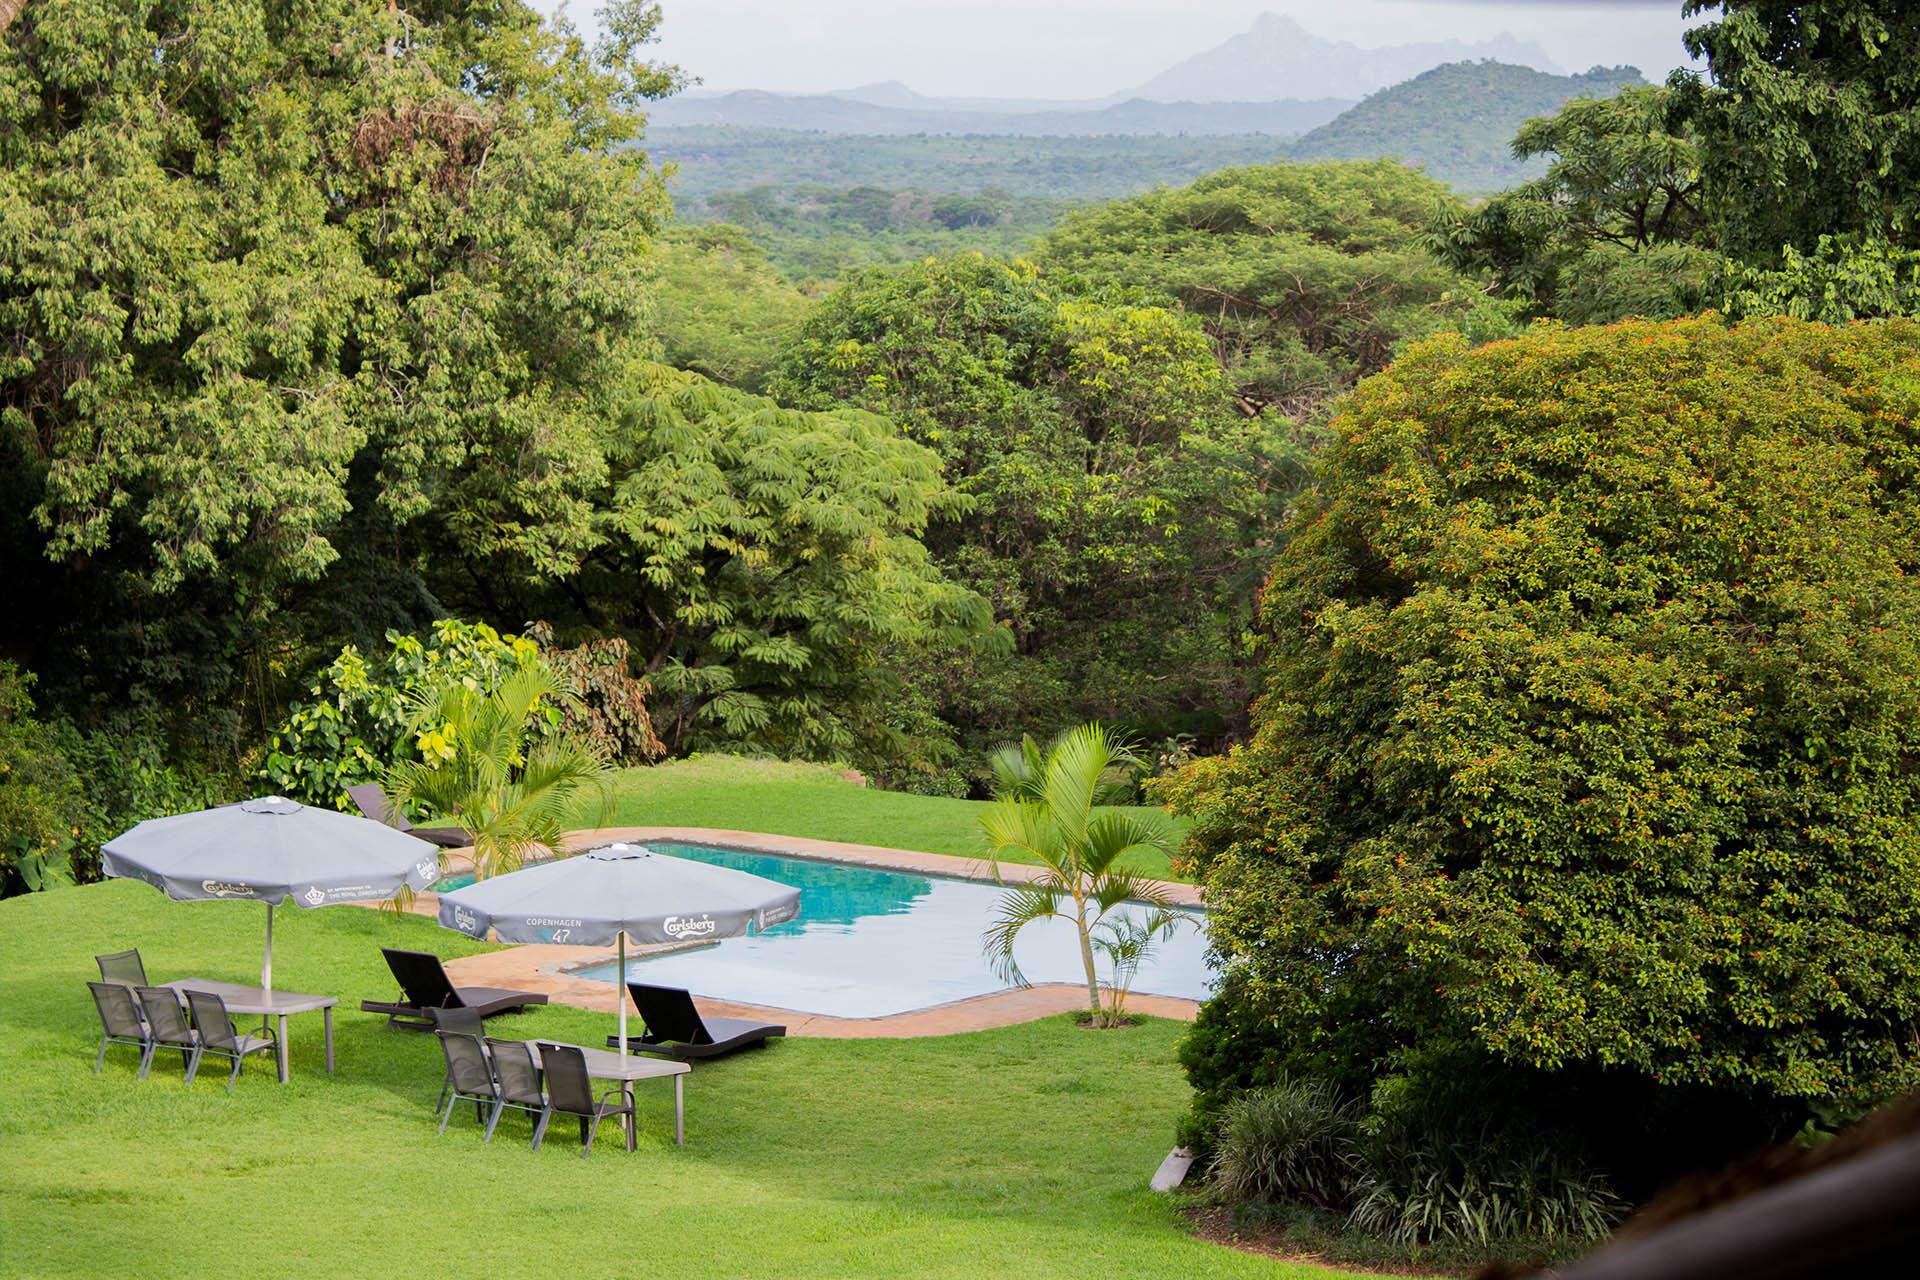 malawi accommodation lilongwe-malawi-lodges-malawian-style-pool-mountains